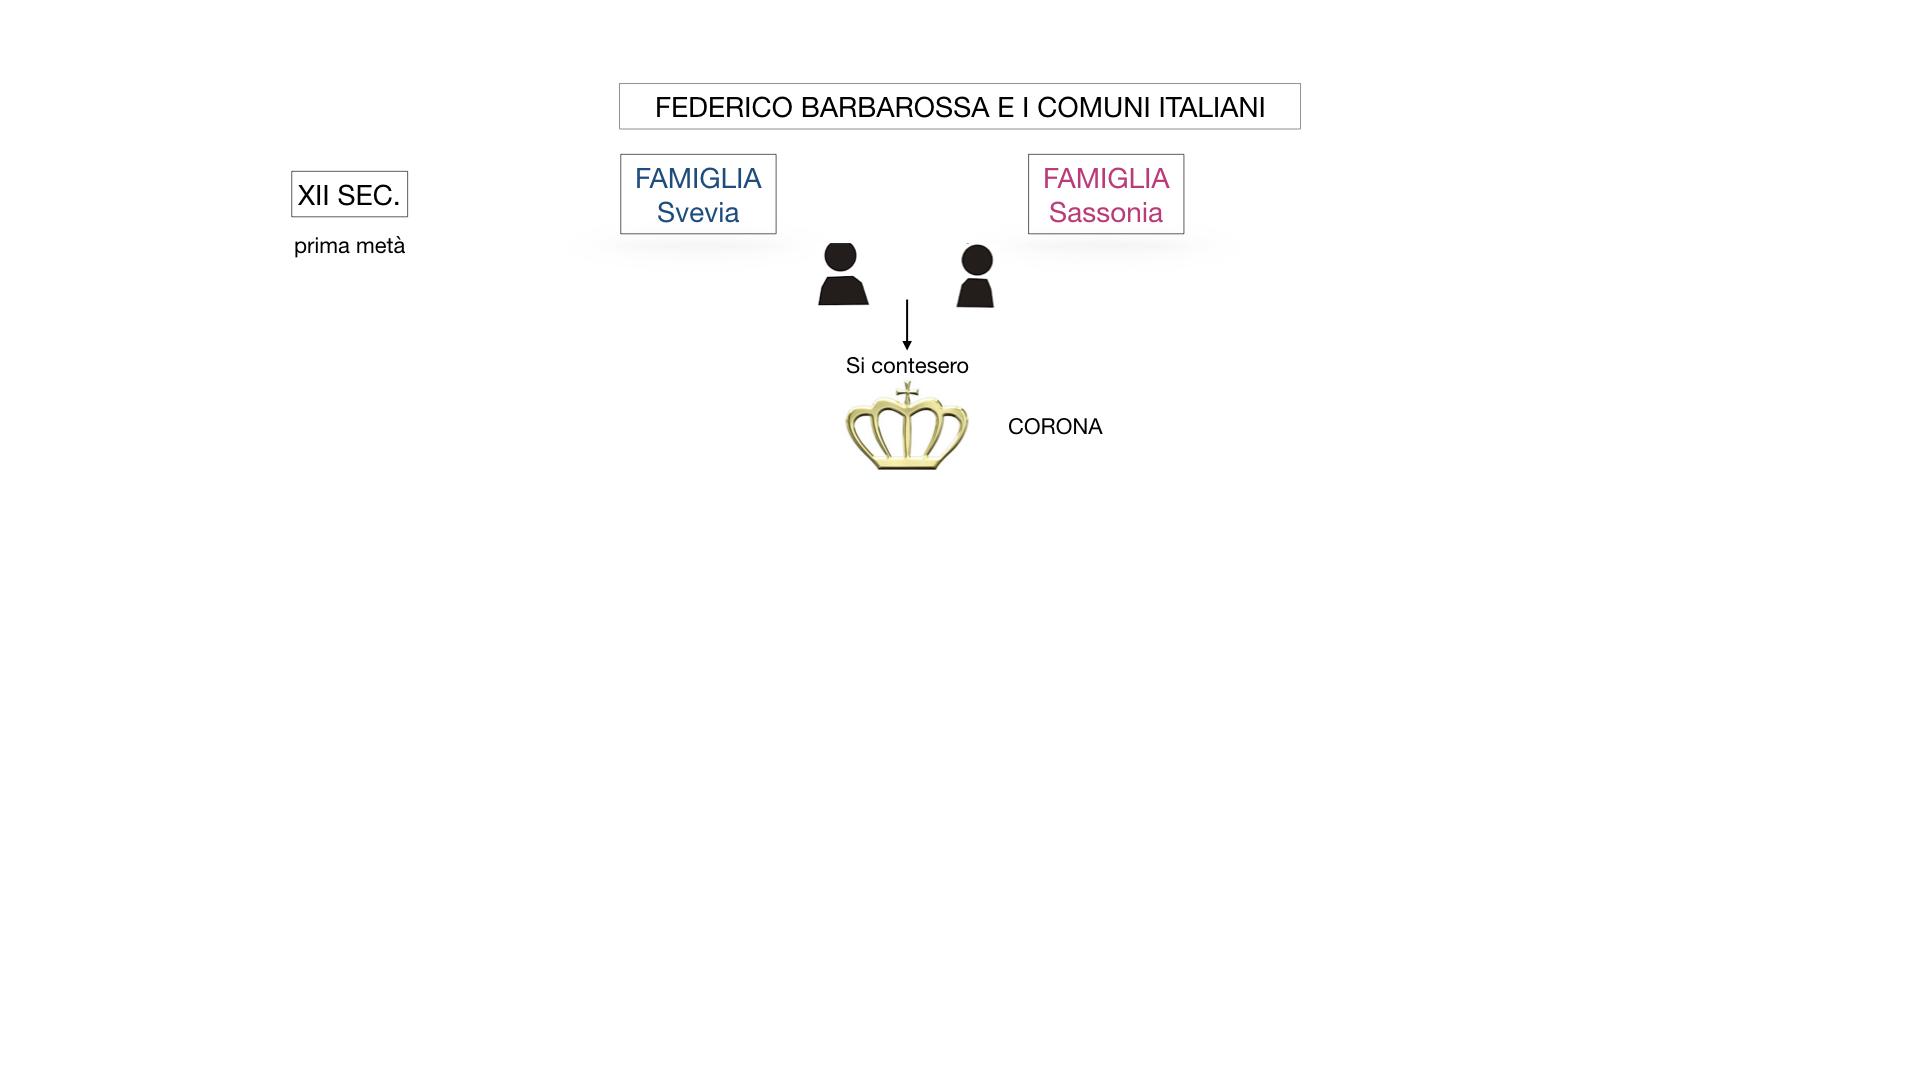 STORIA FEDERICO BARBAROSSA-MOVIMENTI RELIGIOSI_SIMULAZIONE_estesa.006